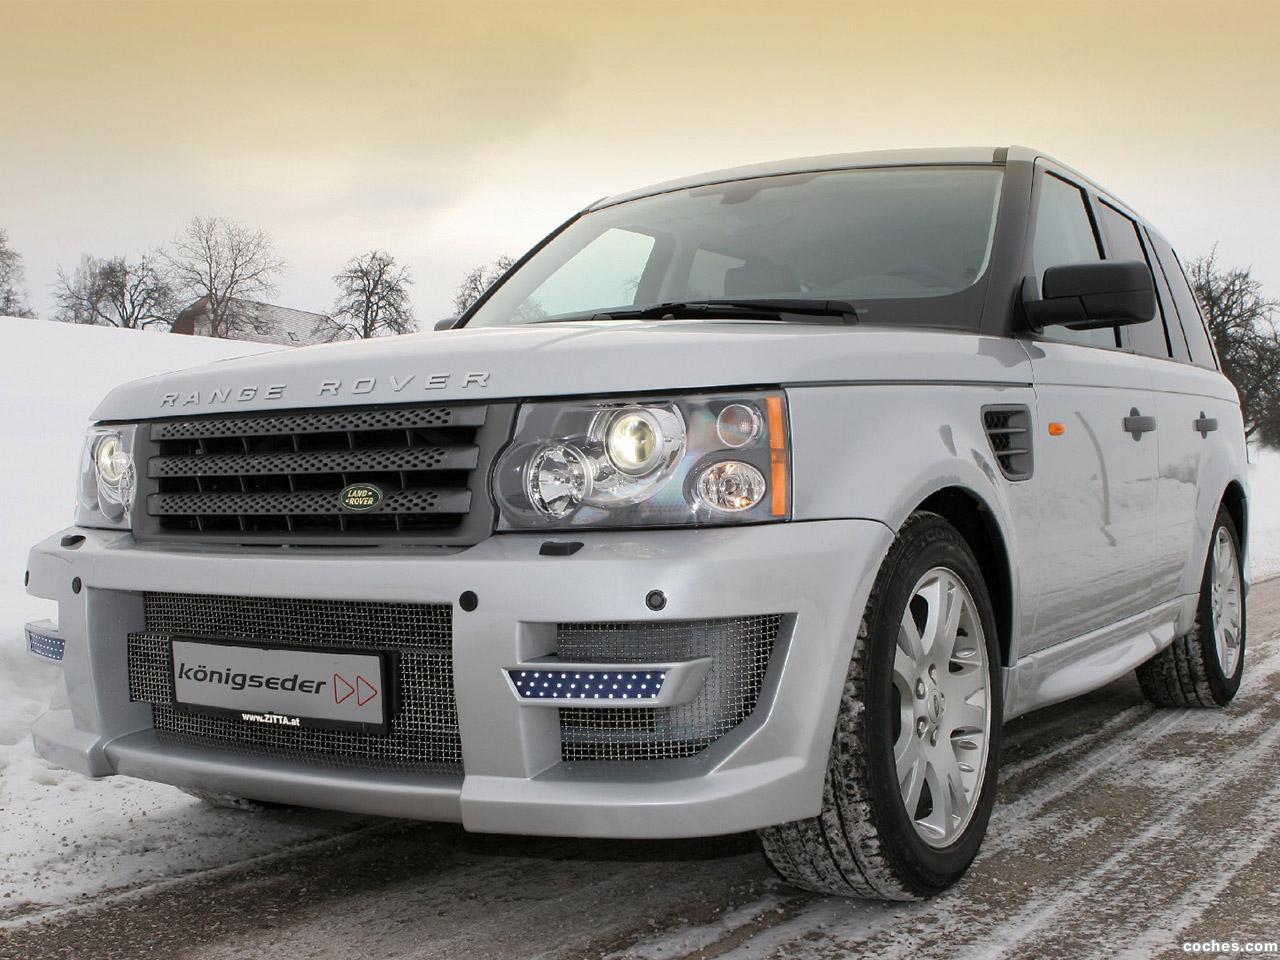 Foto 0 de Konigseder Land Rover Range Rover Sport 2009